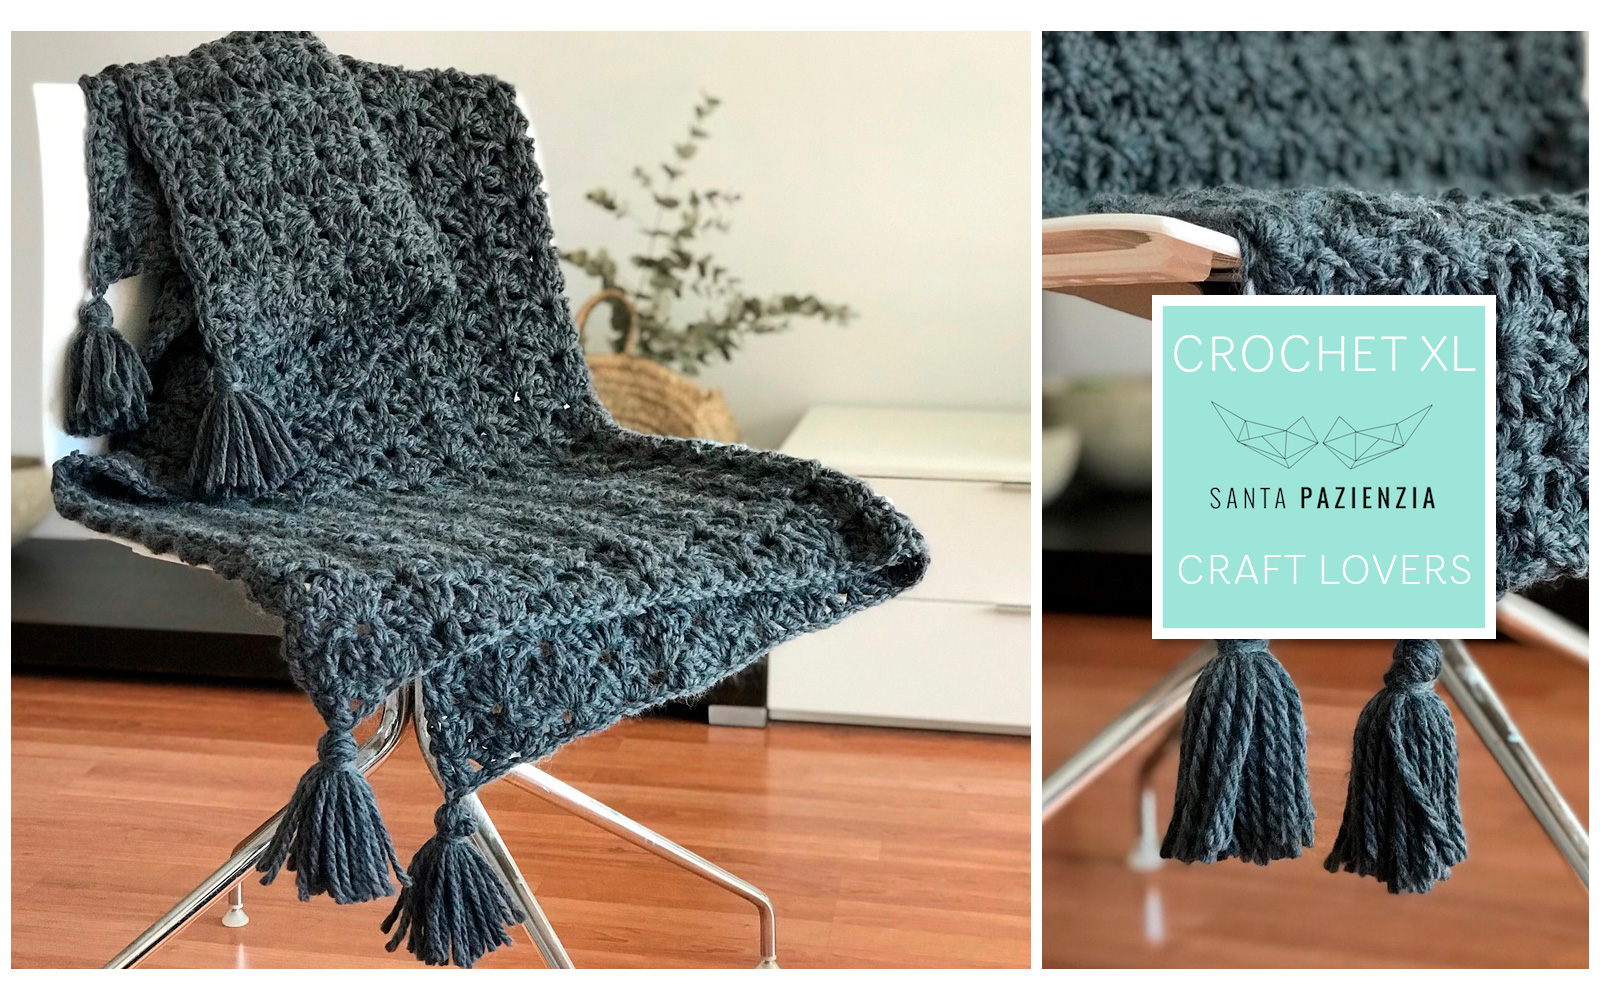 Crochet Xl Mit Santa Pazienzia Häkle Eine Wunderschöne Decke